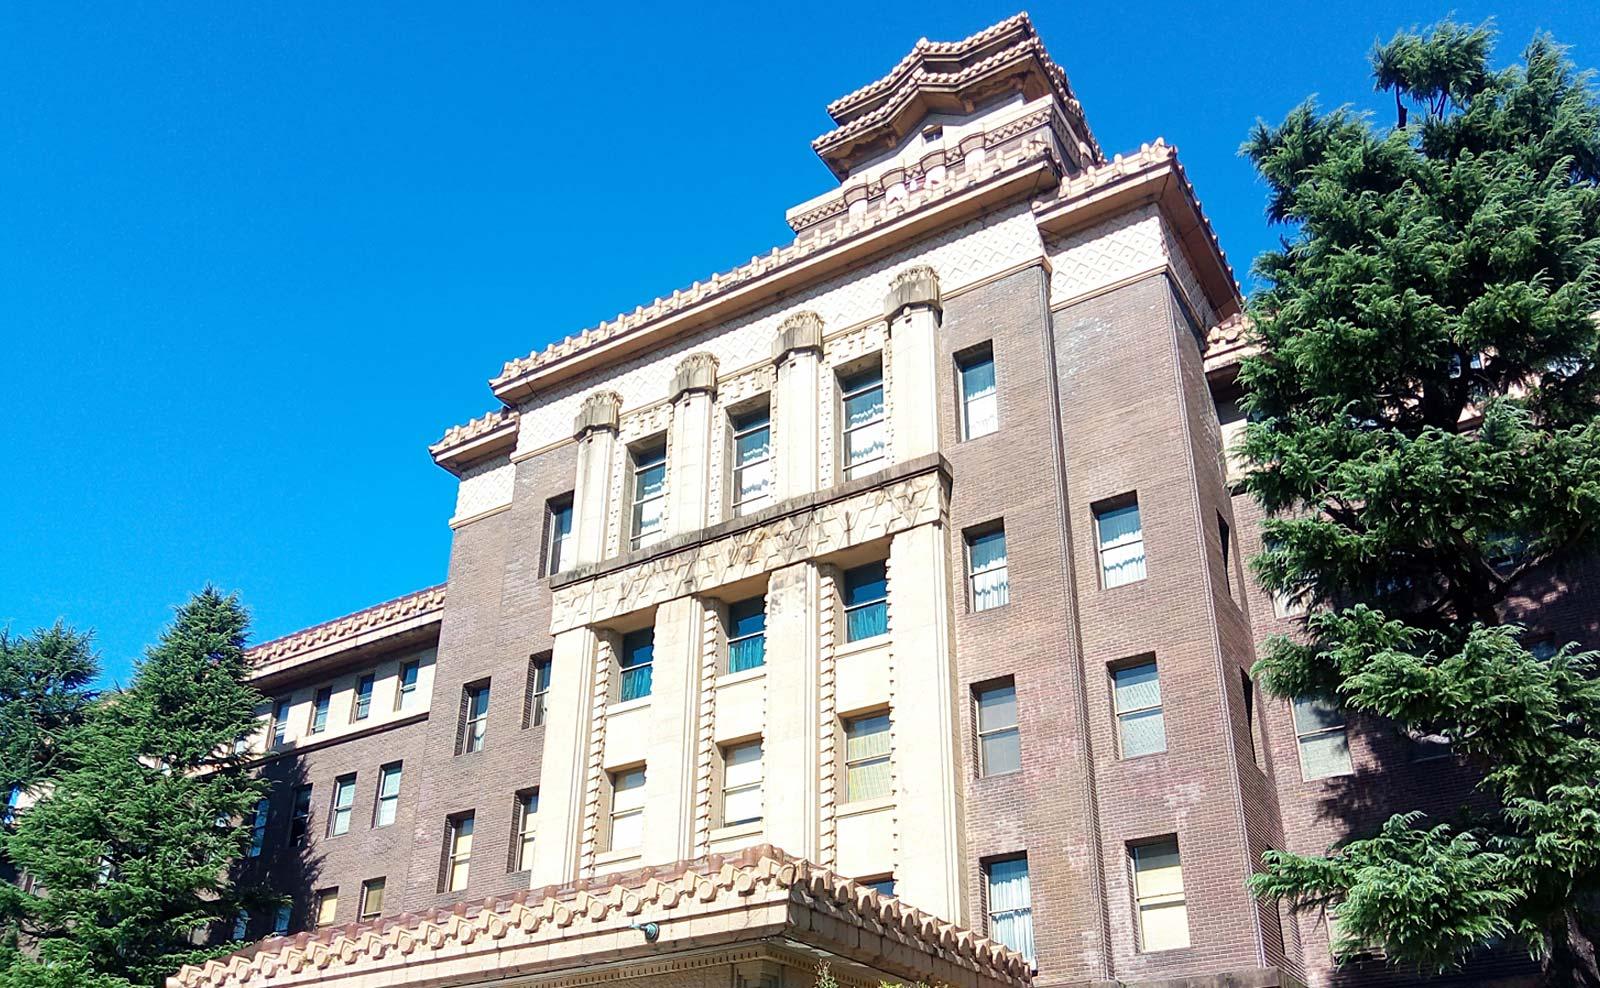 【募集情報】名古屋市営住宅の一般募集について(2021年度 第2回)